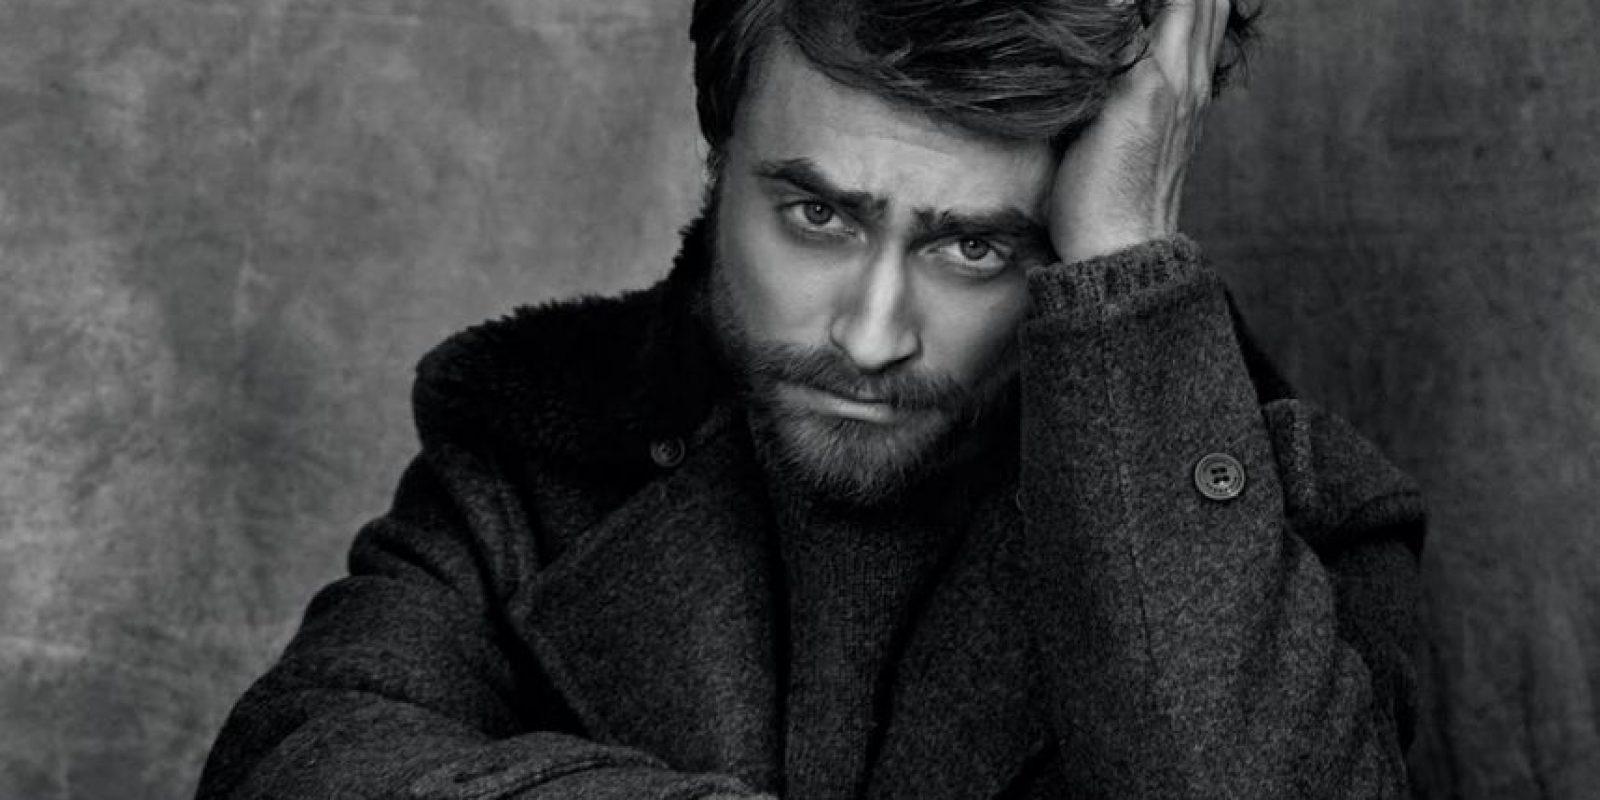 En 2015 llegó a ganar más de 95 millones de dólares. Foto:Google Plus Daniel Radcliffe